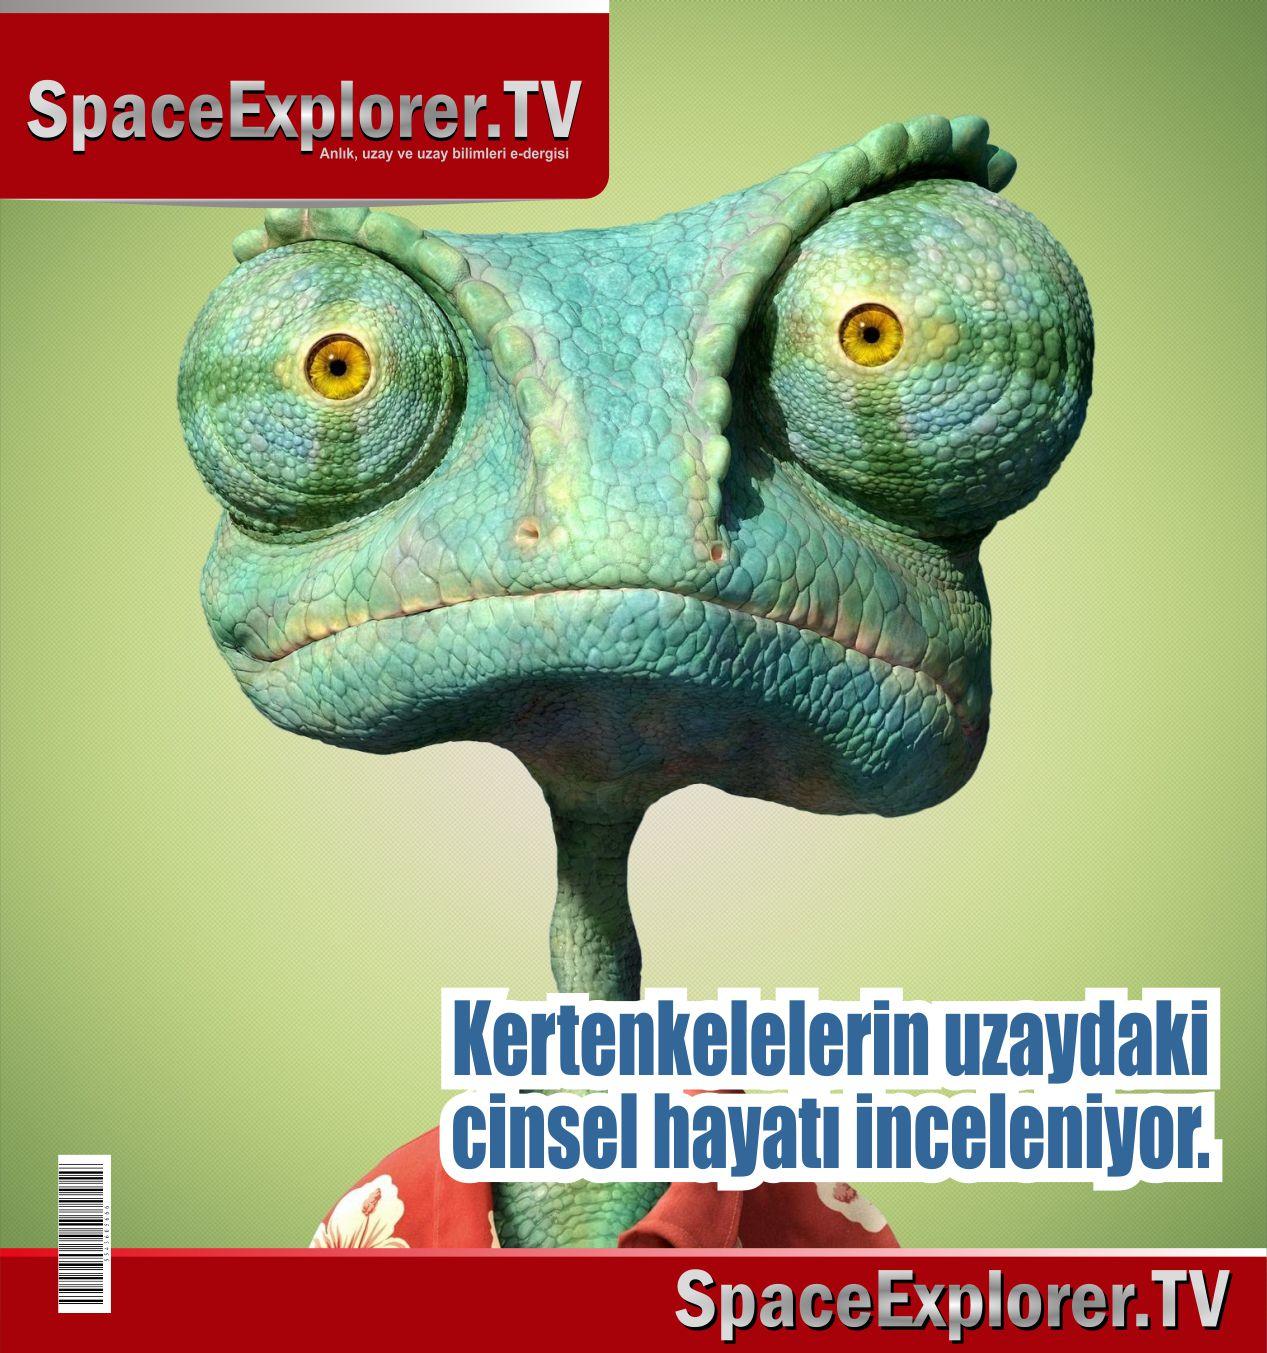 Oksijensiz ortam testleri, Yerçekimsiz ortam testleri, Uzay, Uzaya gönderilen hayvanlar, Rusya, Space Explorer,